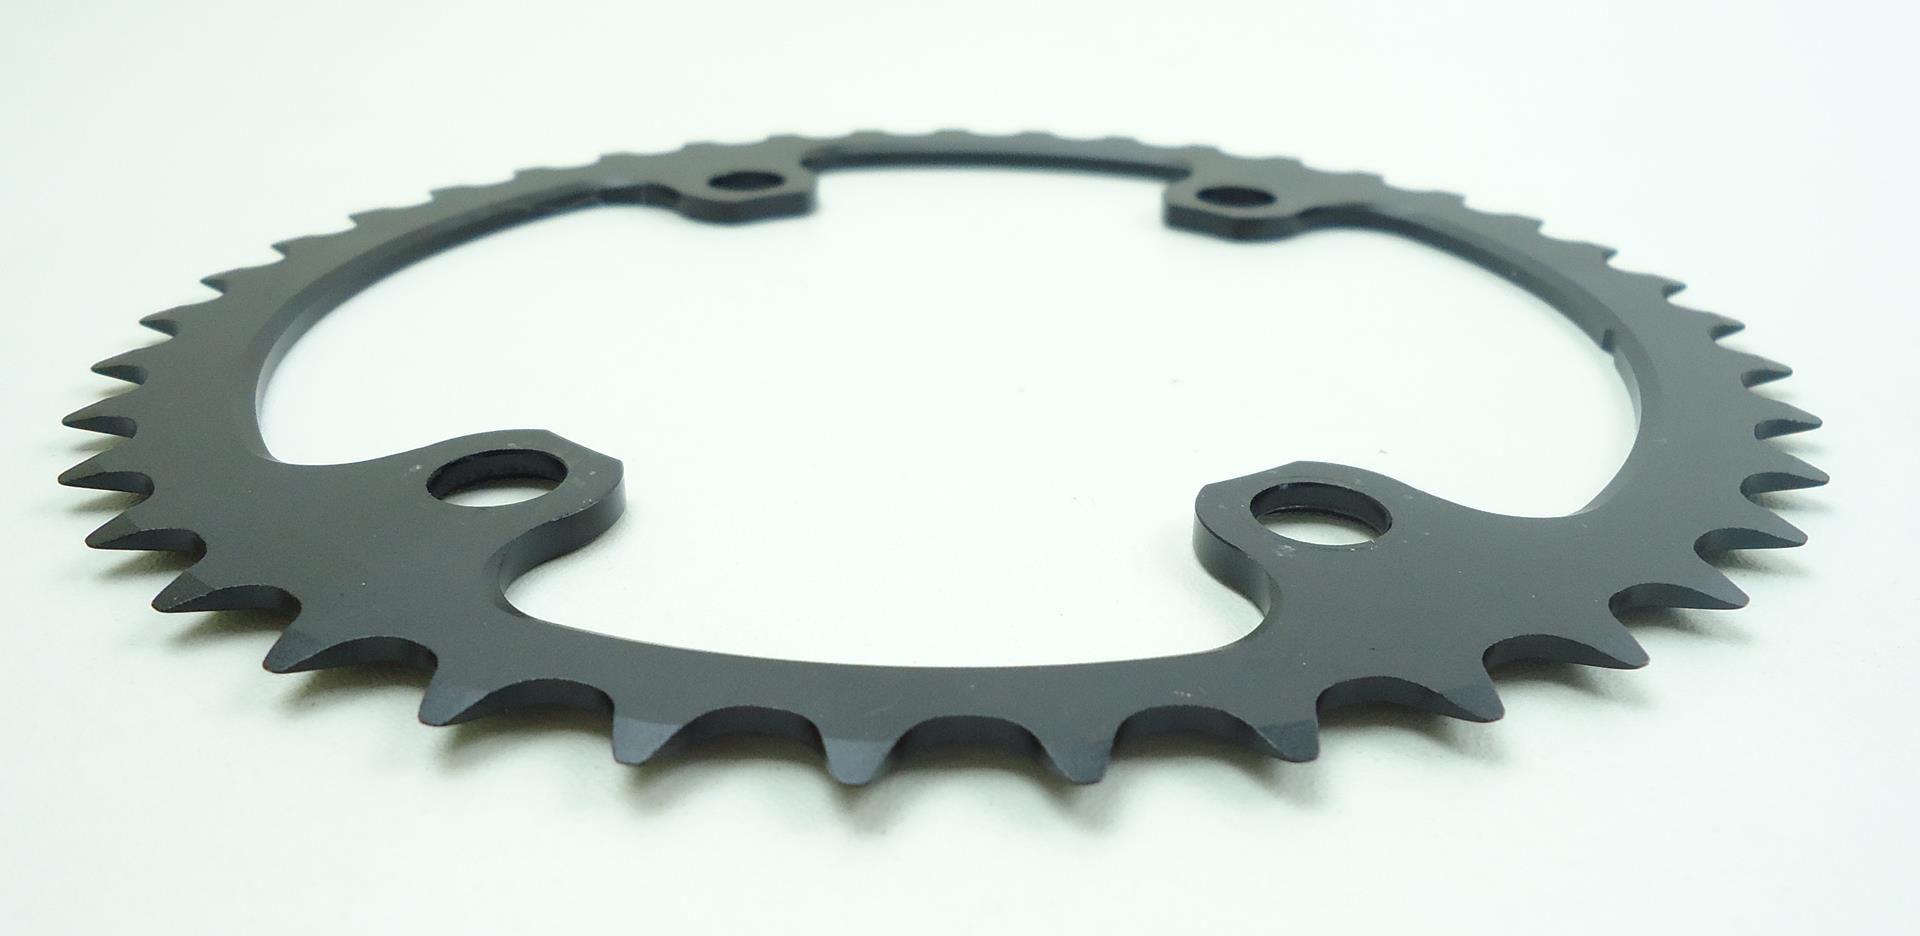 Coroa Speed Vicinitech 39 dentes 4 furos Bcd 110 11 Velocidades p/ Shimano 105 5800 R7000 Ultegra 6800 R8000